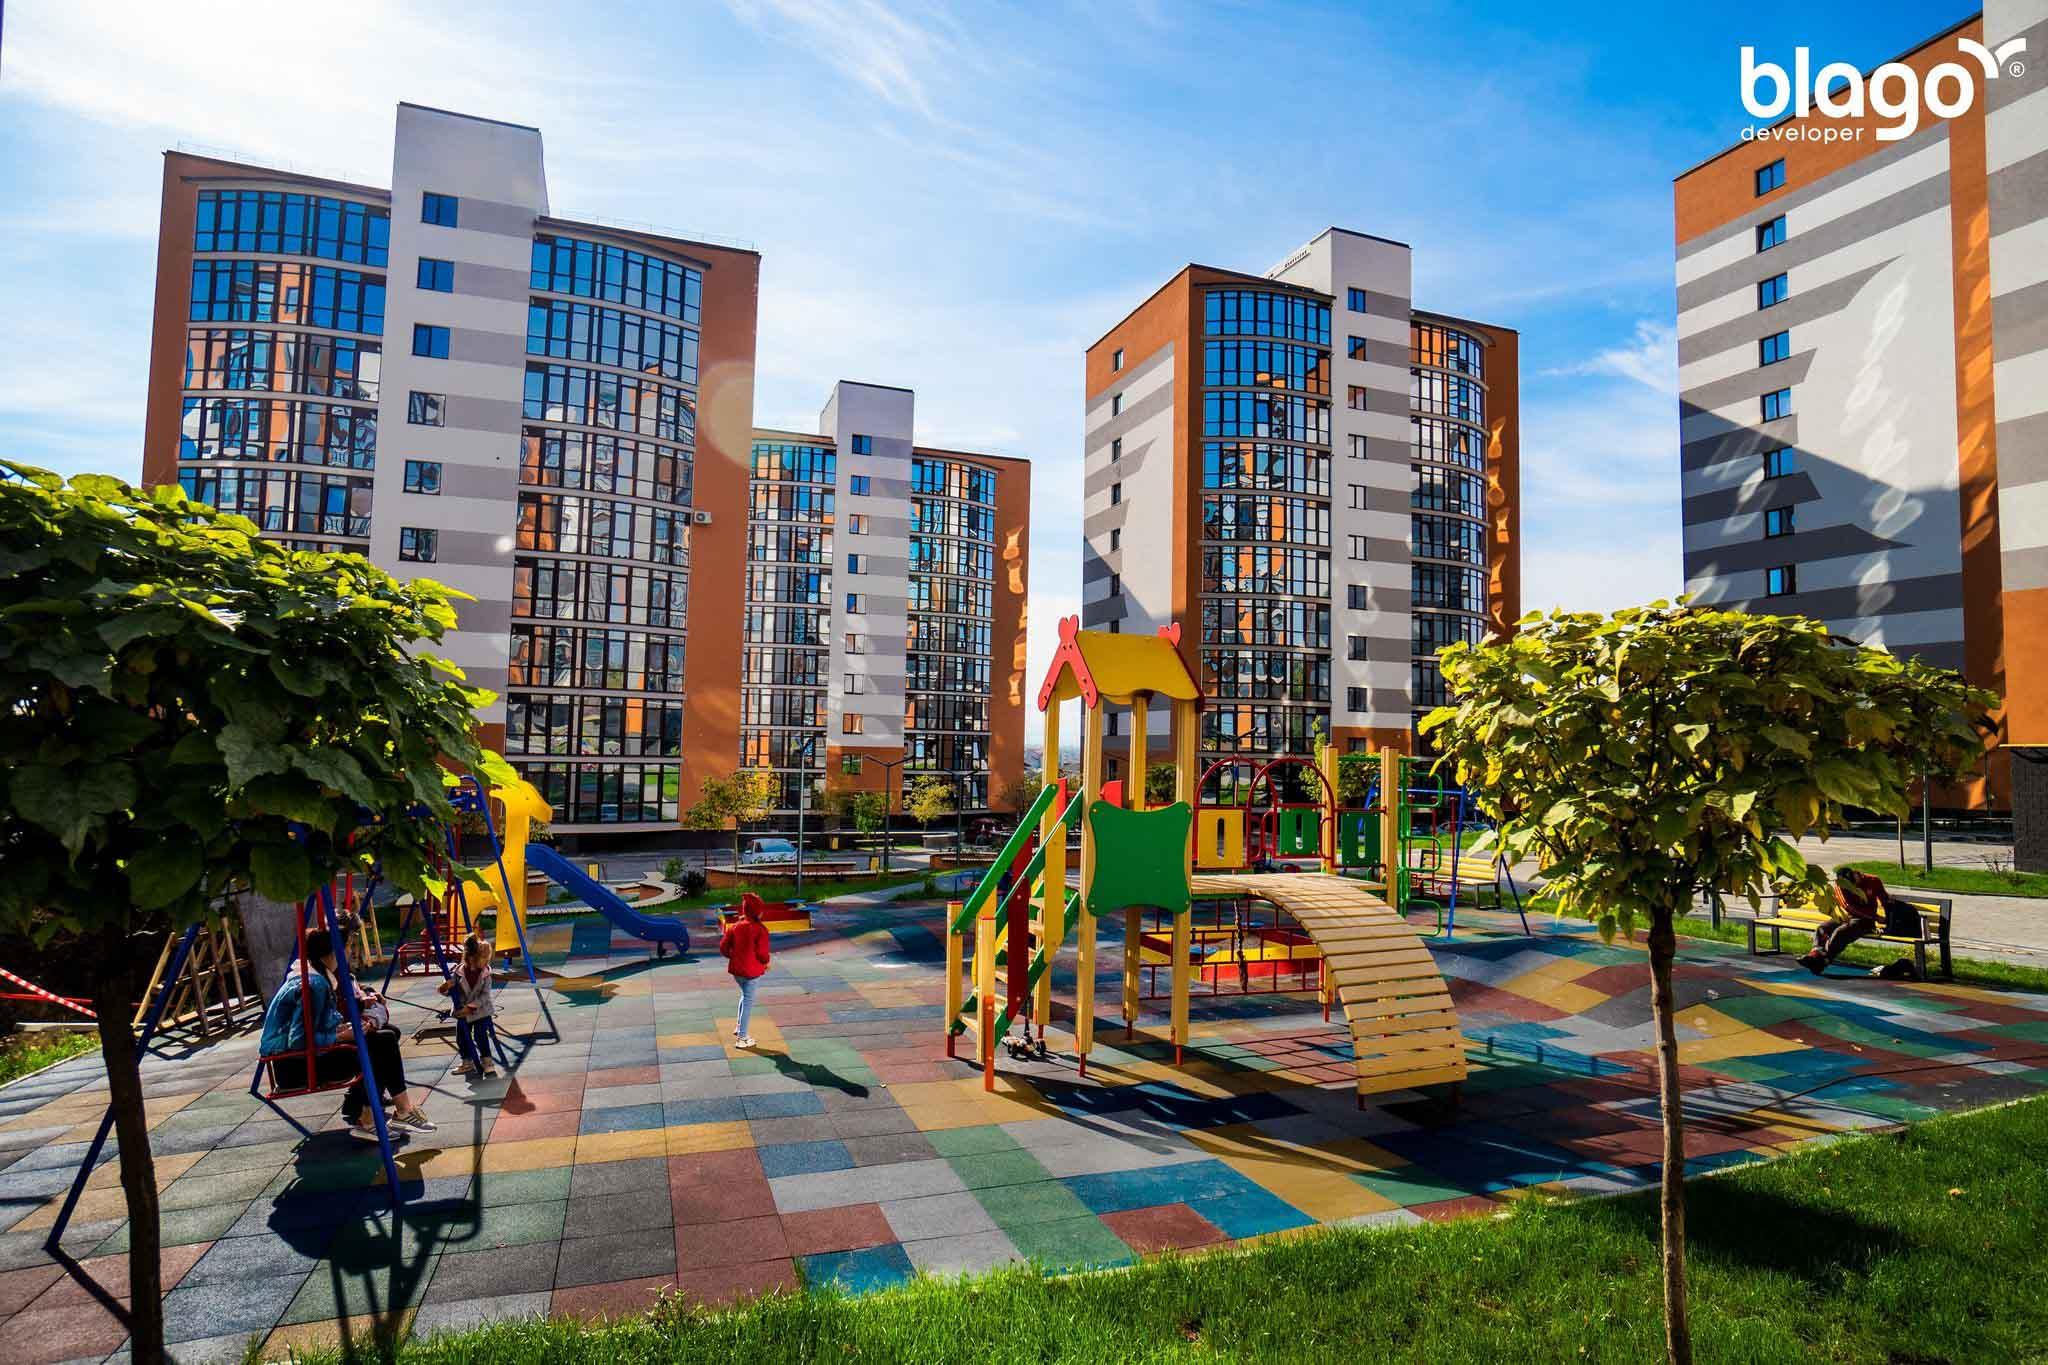 Як вибрати нерухомість: ТОП-6 принципів для пошуку якісної квартири